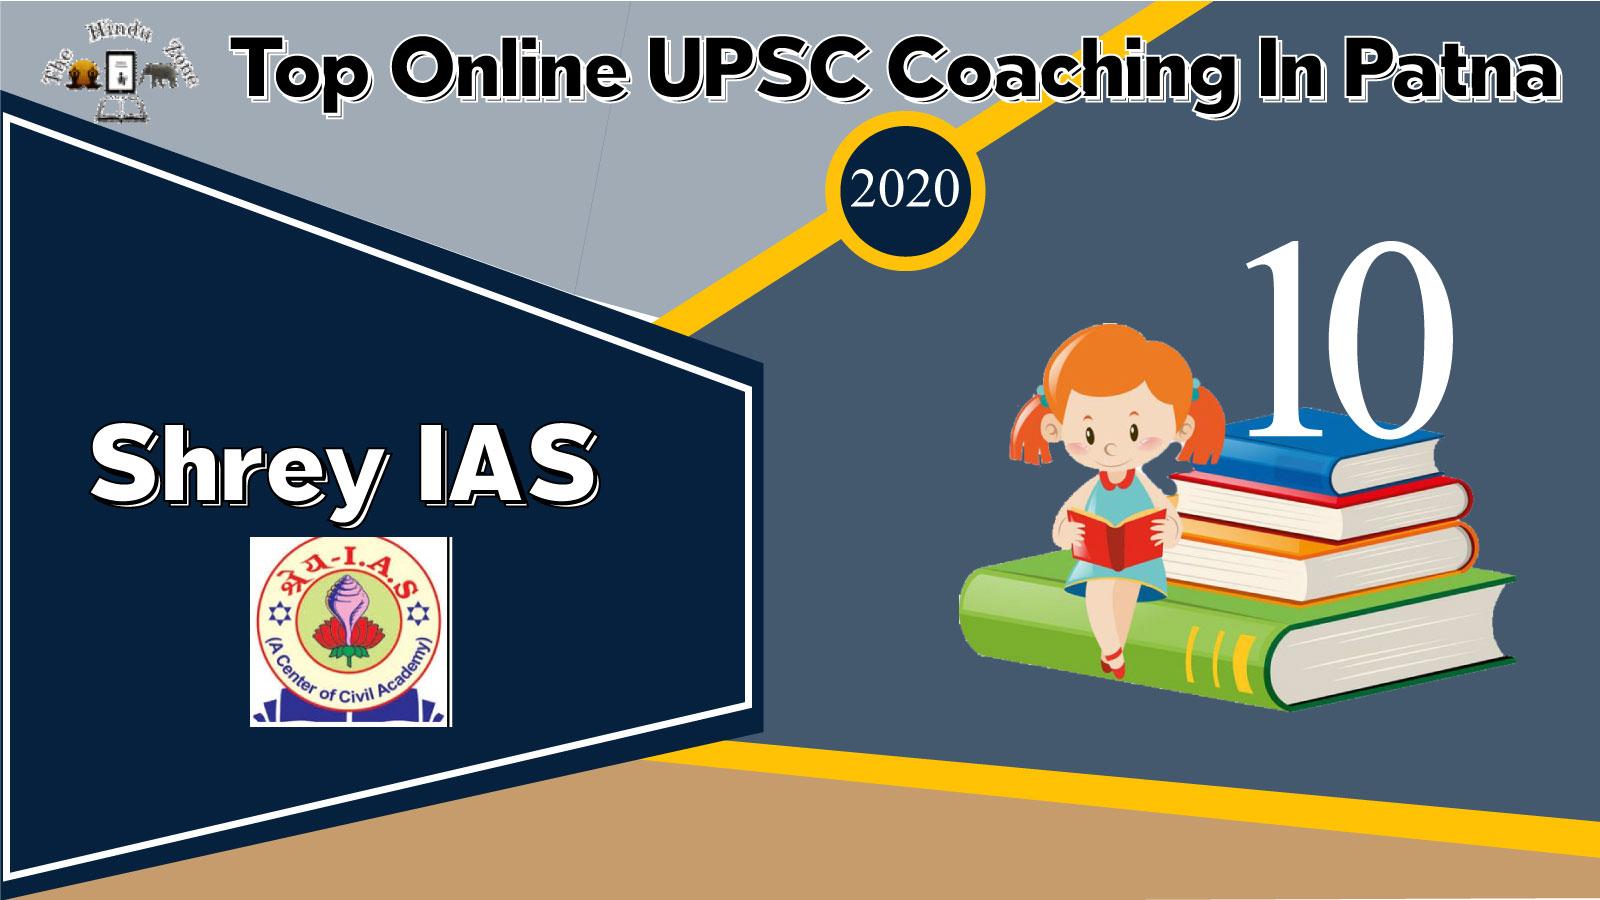 Shrey IAS Online Coaching In Patna